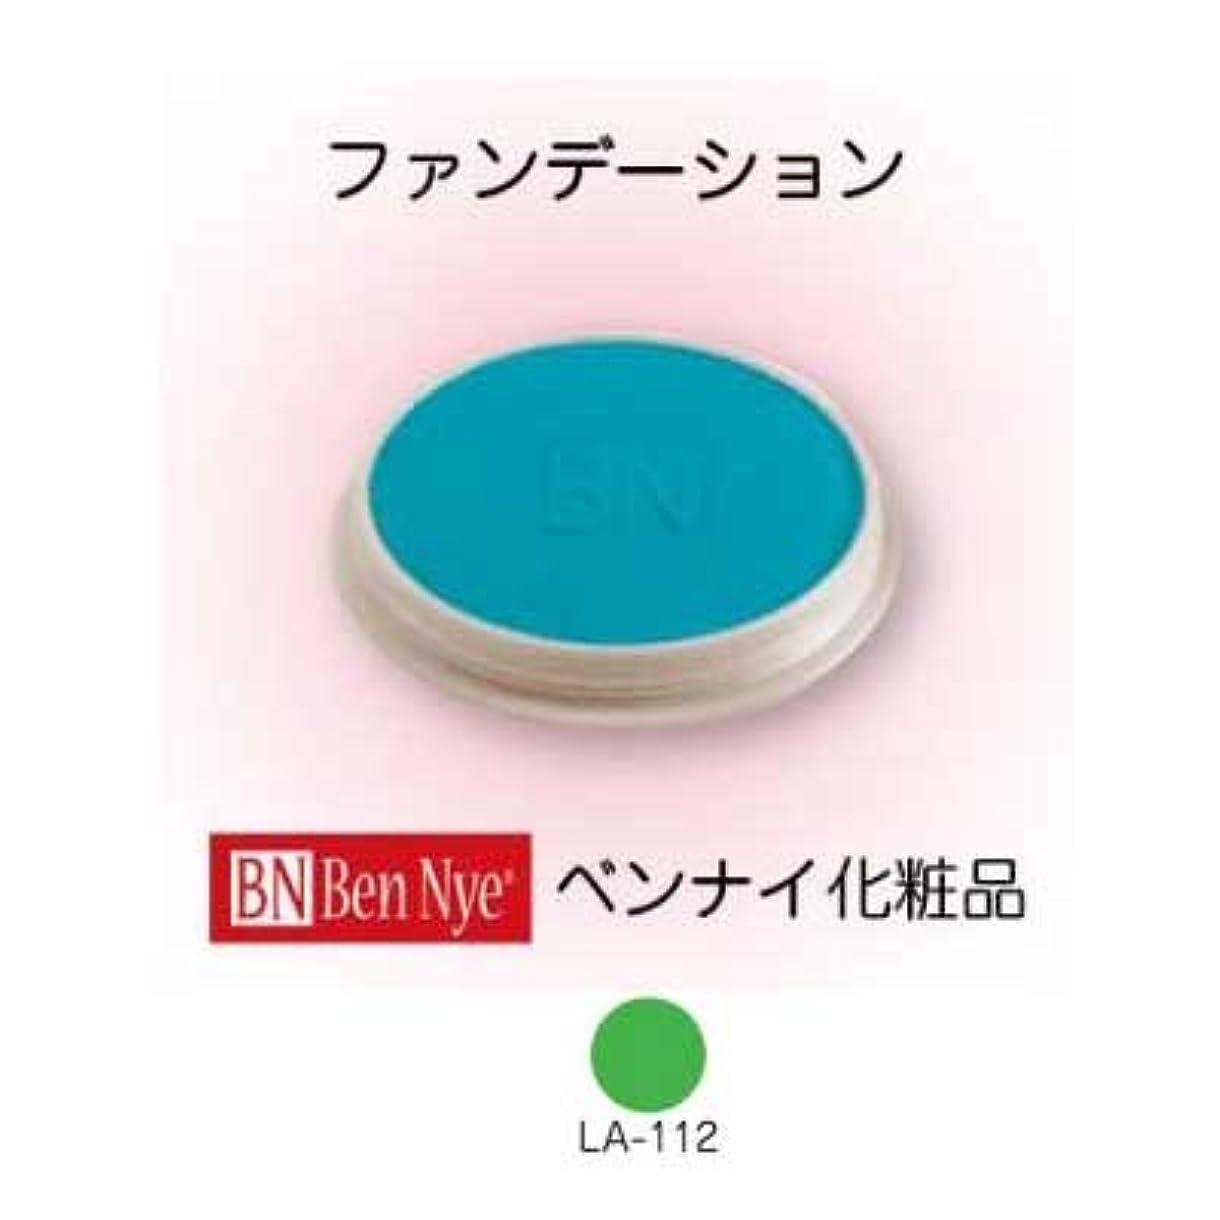 ダウンコンパスマージマジケーキ LA-112【ベンナイ化粧品】